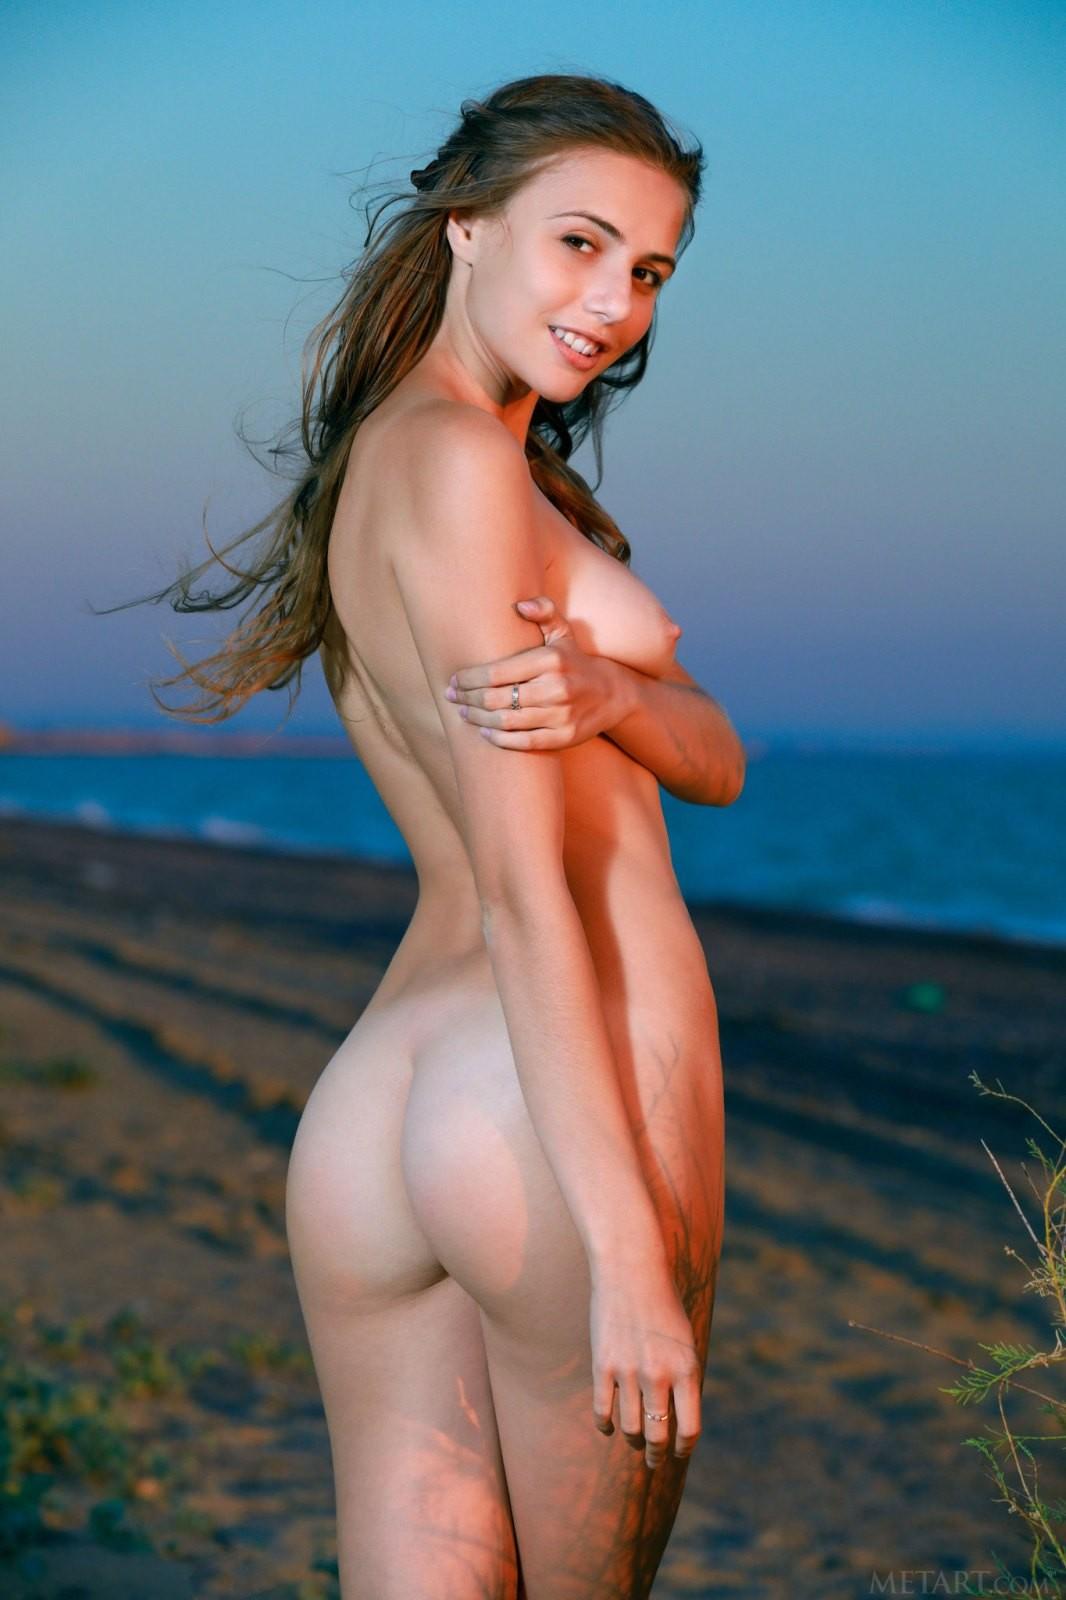 Худышка показала голую писю на пляже - фото